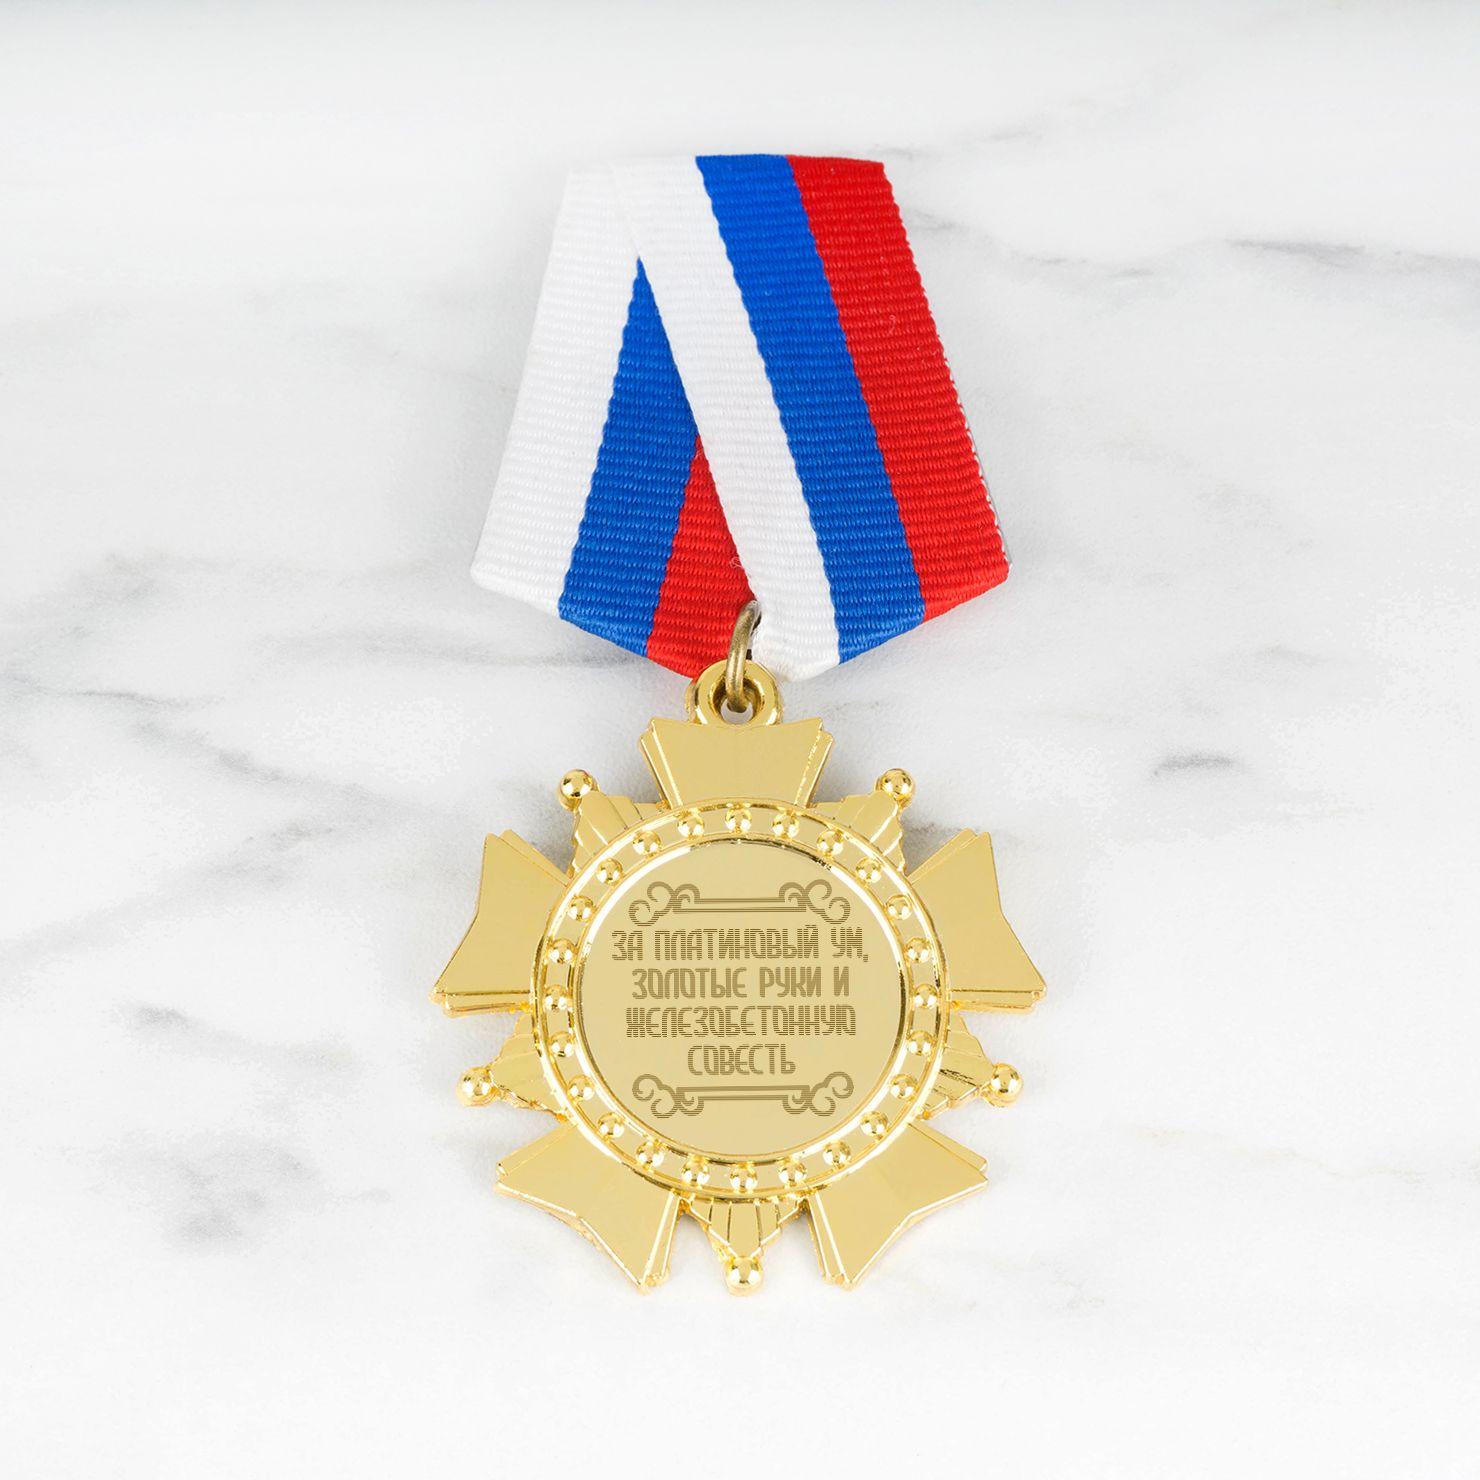 Орден *За платиновый ум, золотые руки и железобетонную совесть*